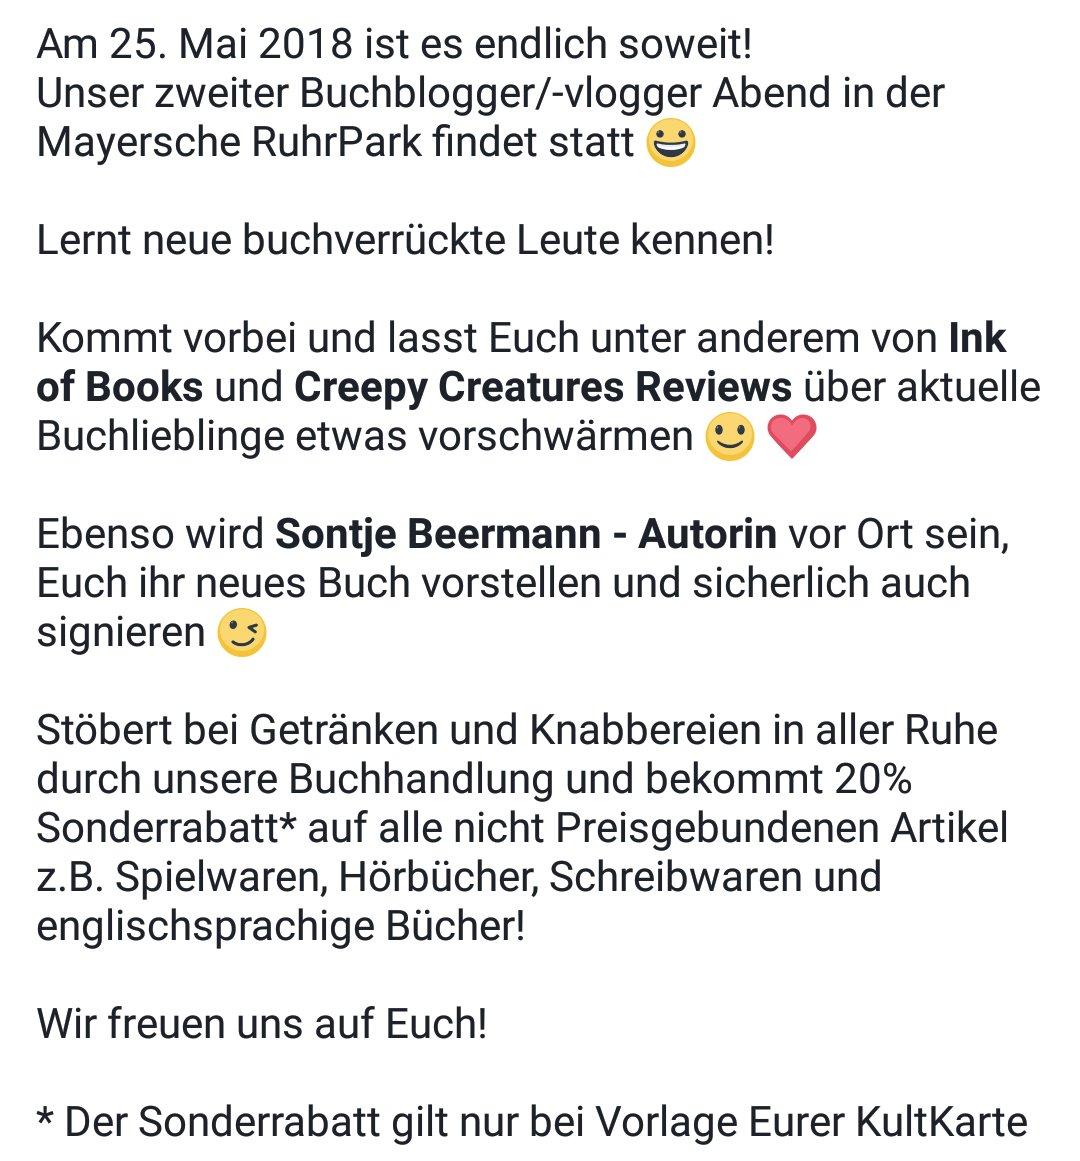 Großartig Jugenderlaubniszettel Vorlage Galerie - Beispiel ...